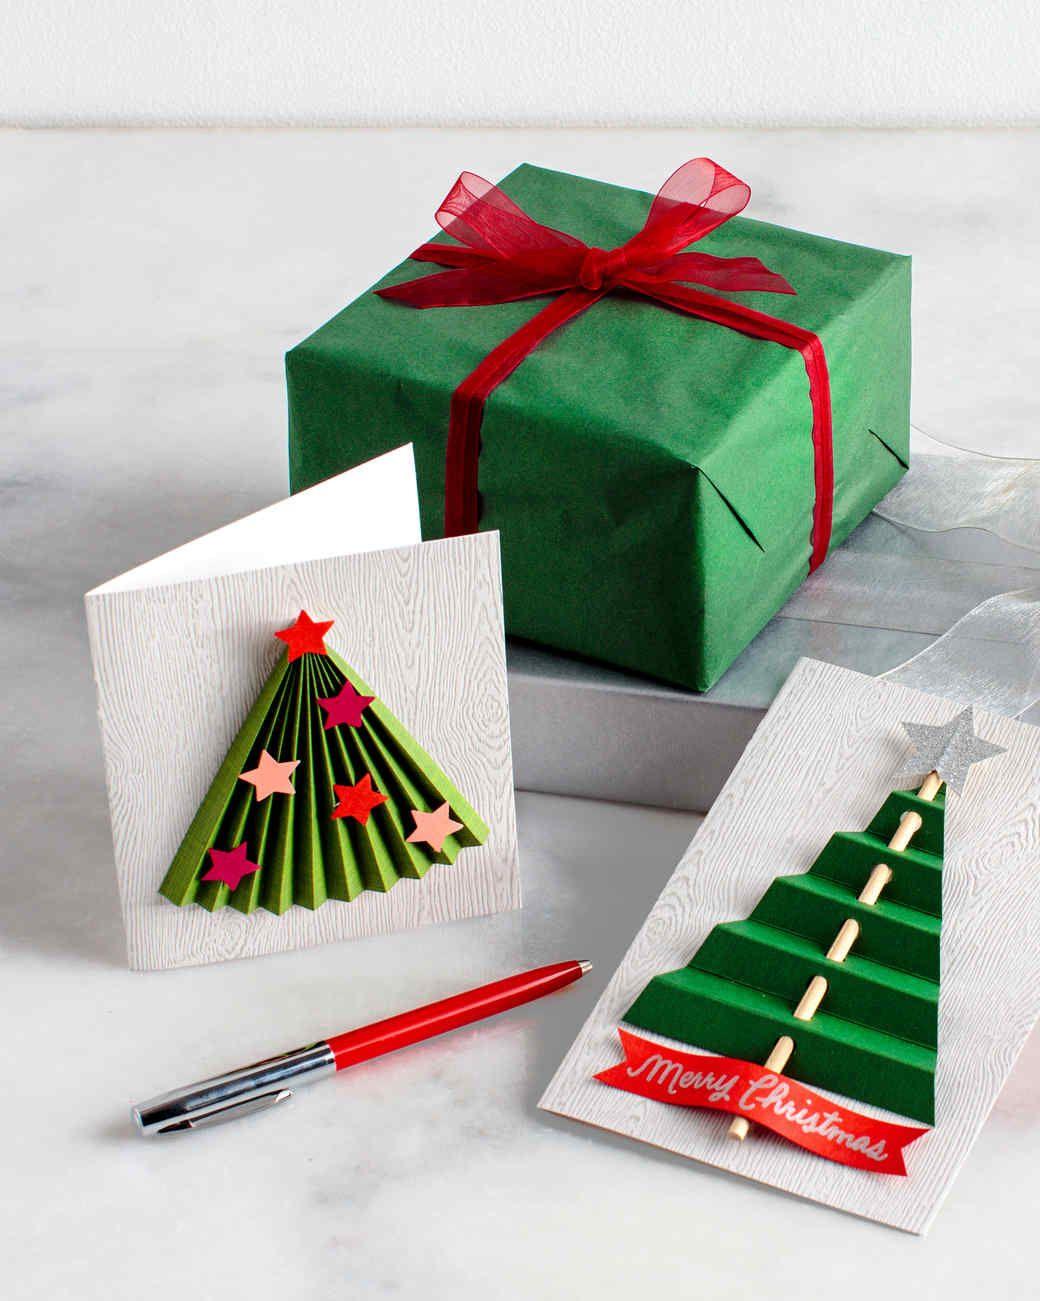 weihnachtskarten basteln 50 tolle und einfache ideen f r 2018 nadal. Black Bedroom Furniture Sets. Home Design Ideas